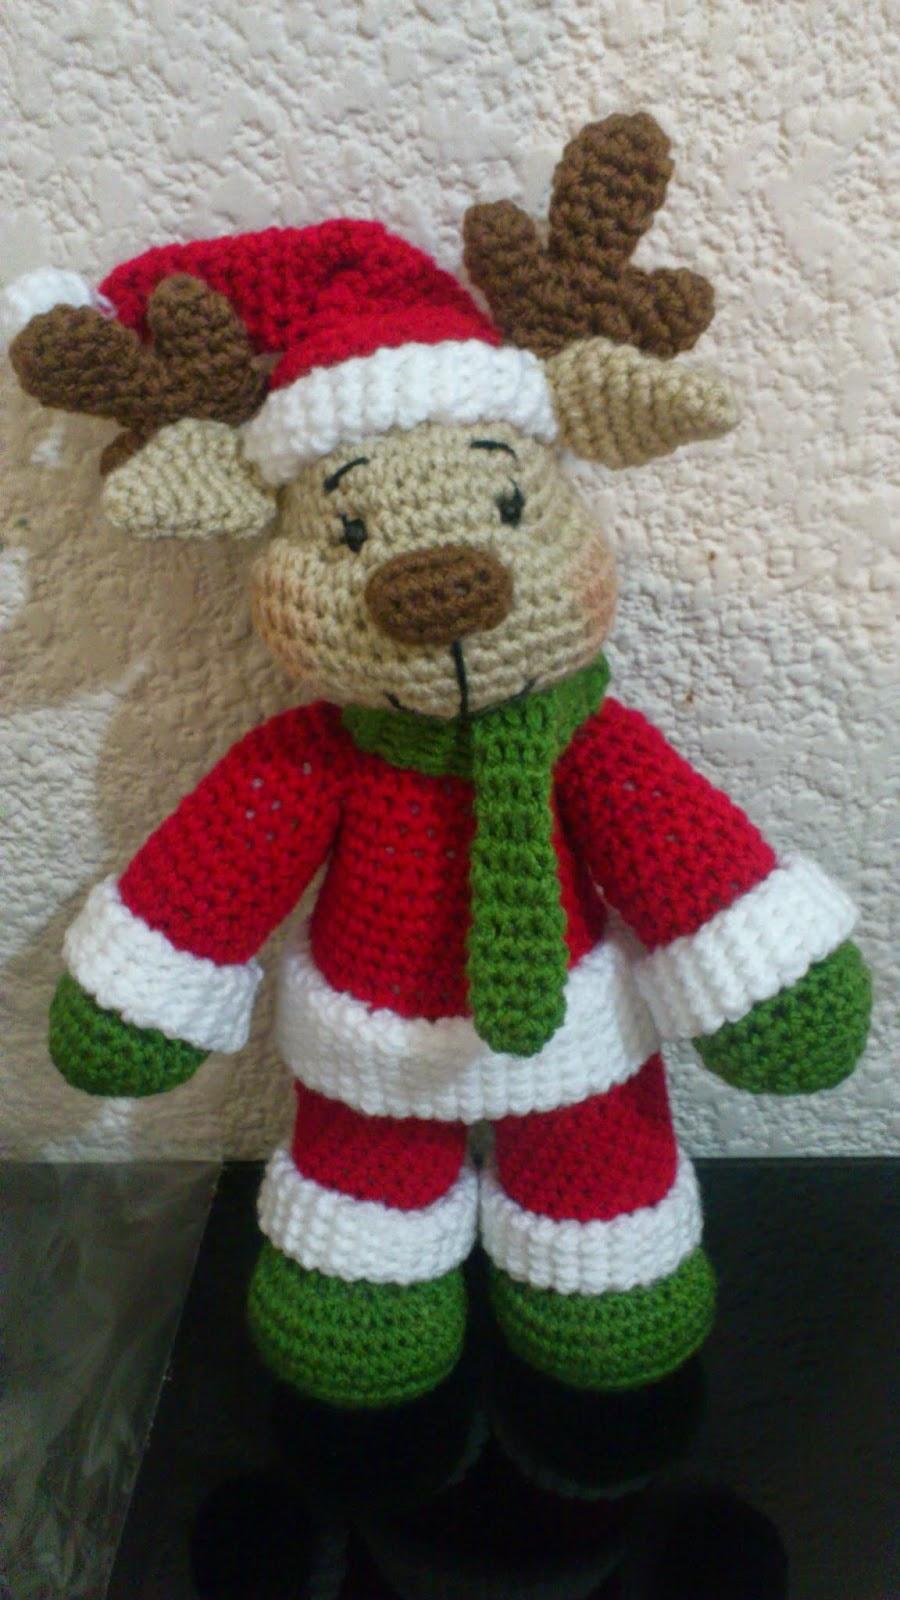 Bambola Amigurumi Natale Uncinetto 🤶 Muñeca Crochet Navidad ... | 1600x900